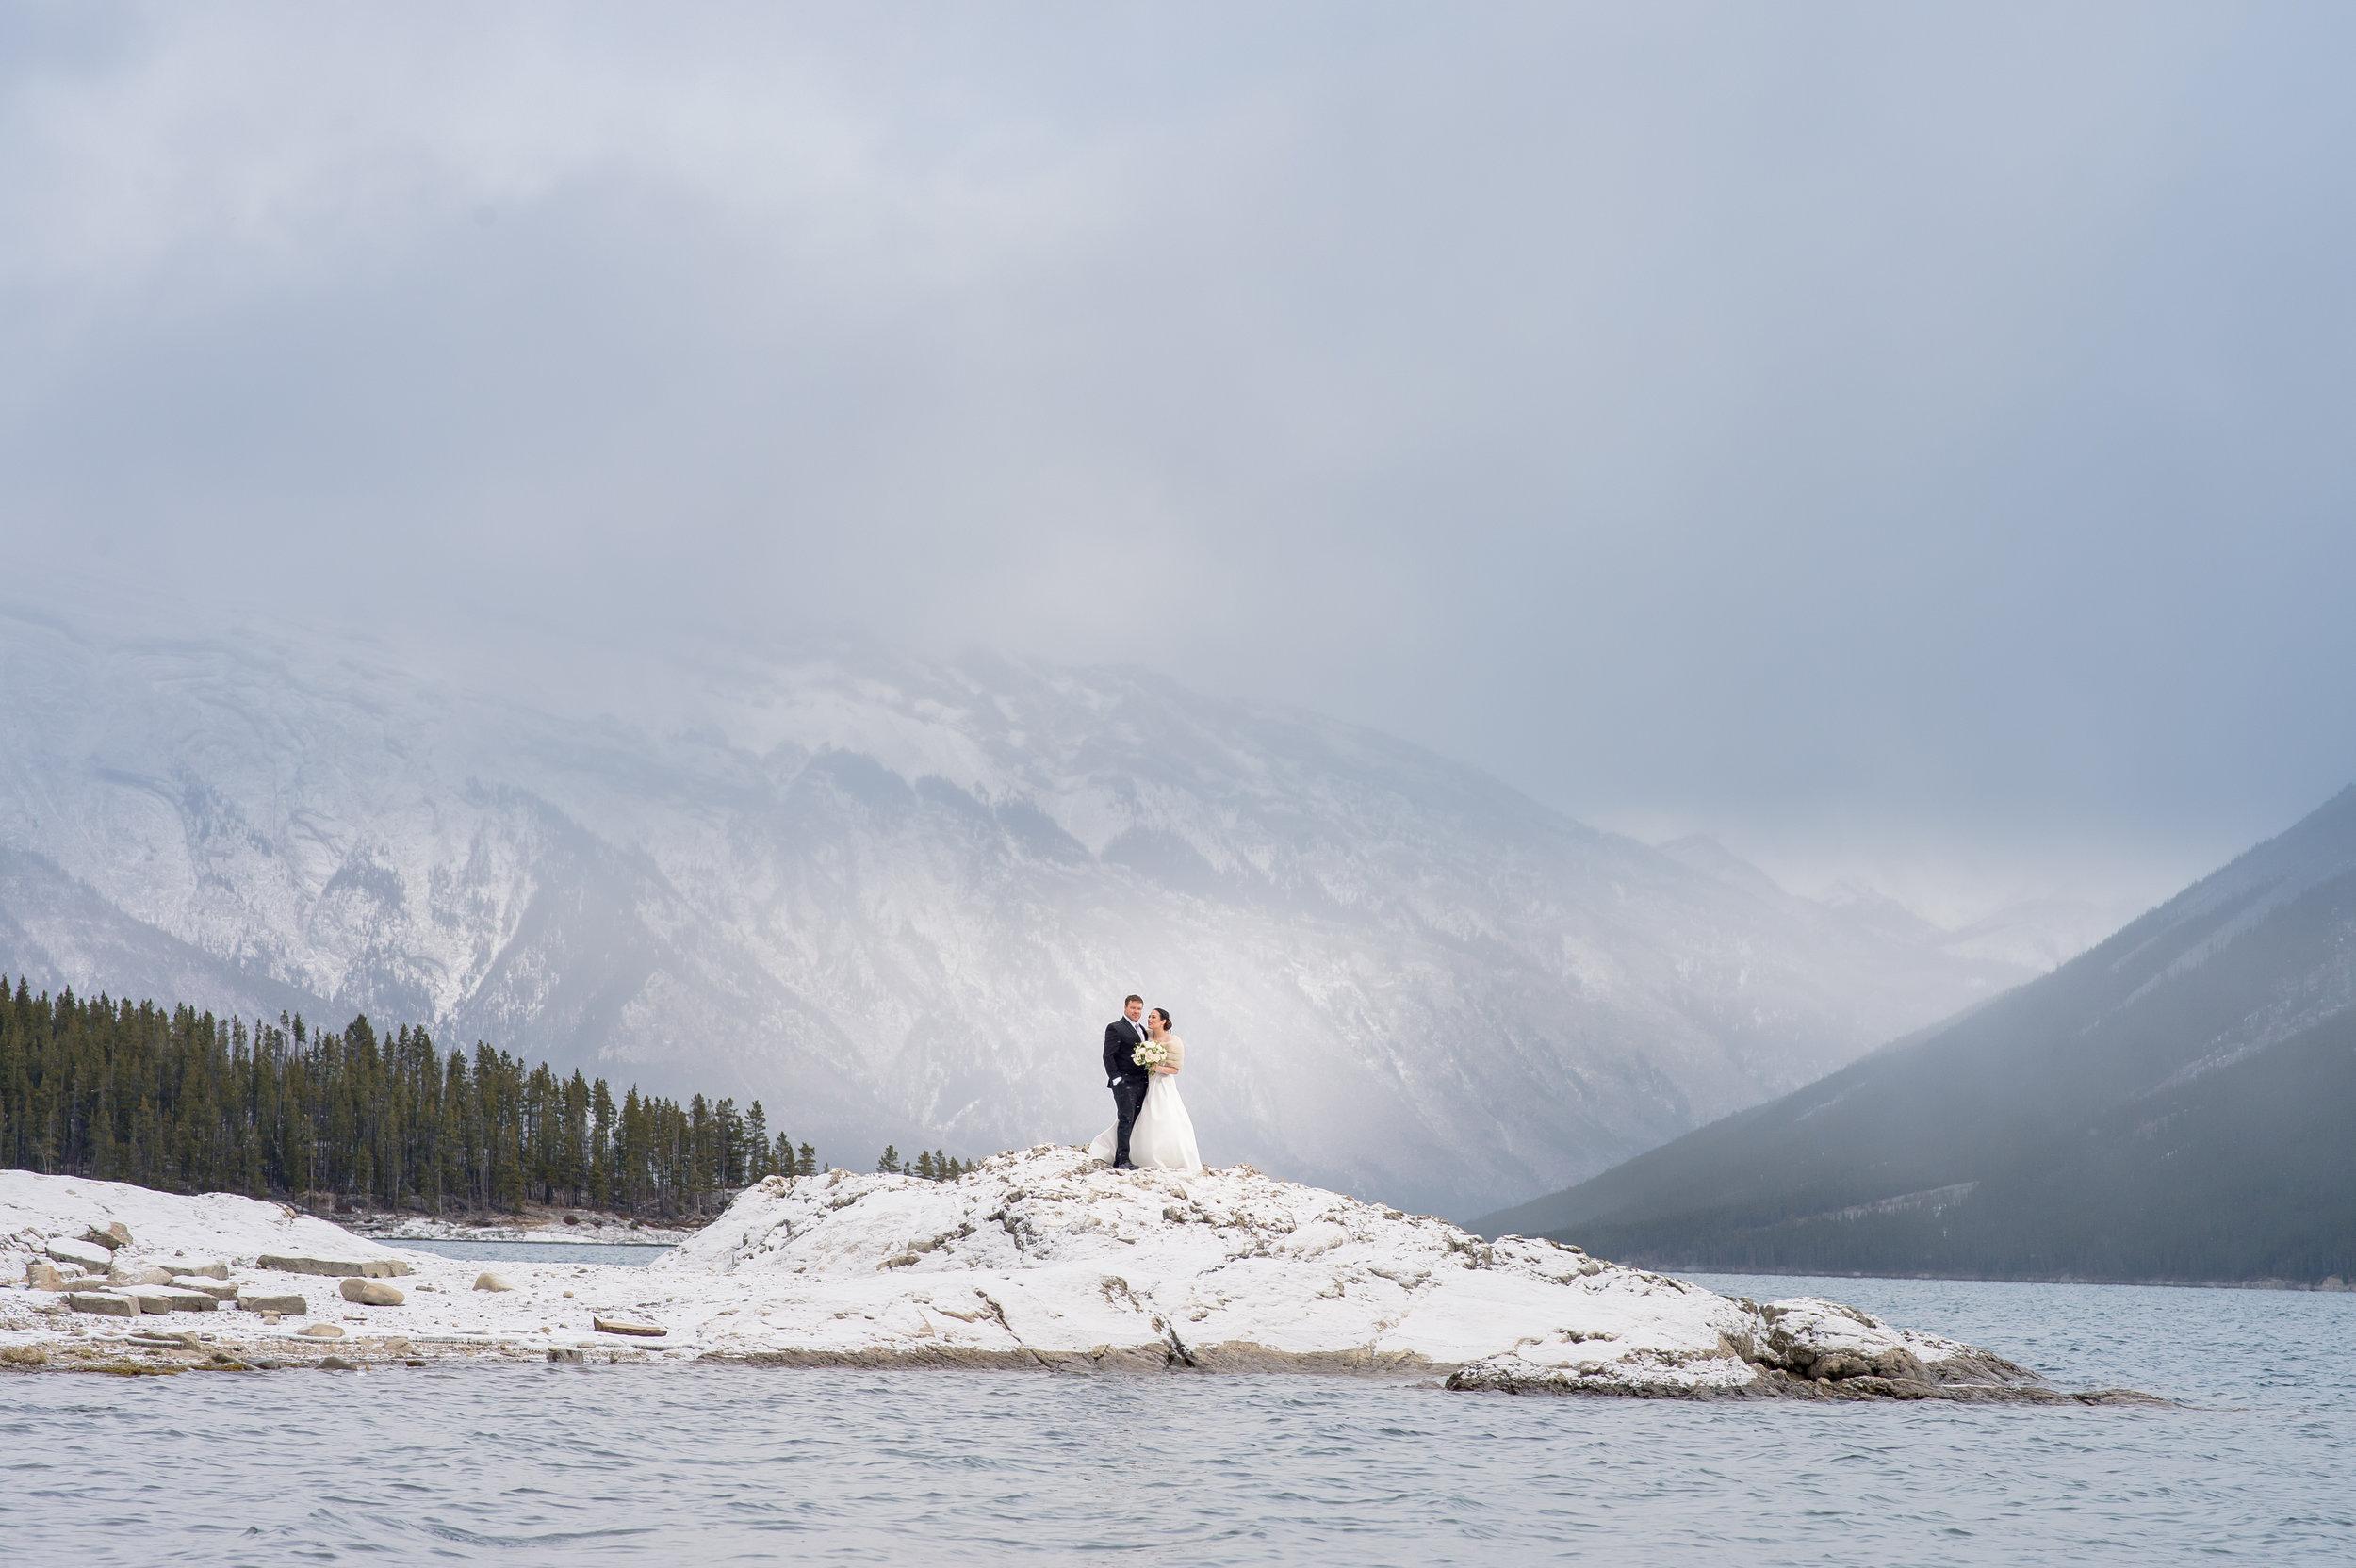 Banff, Canada winter wedding